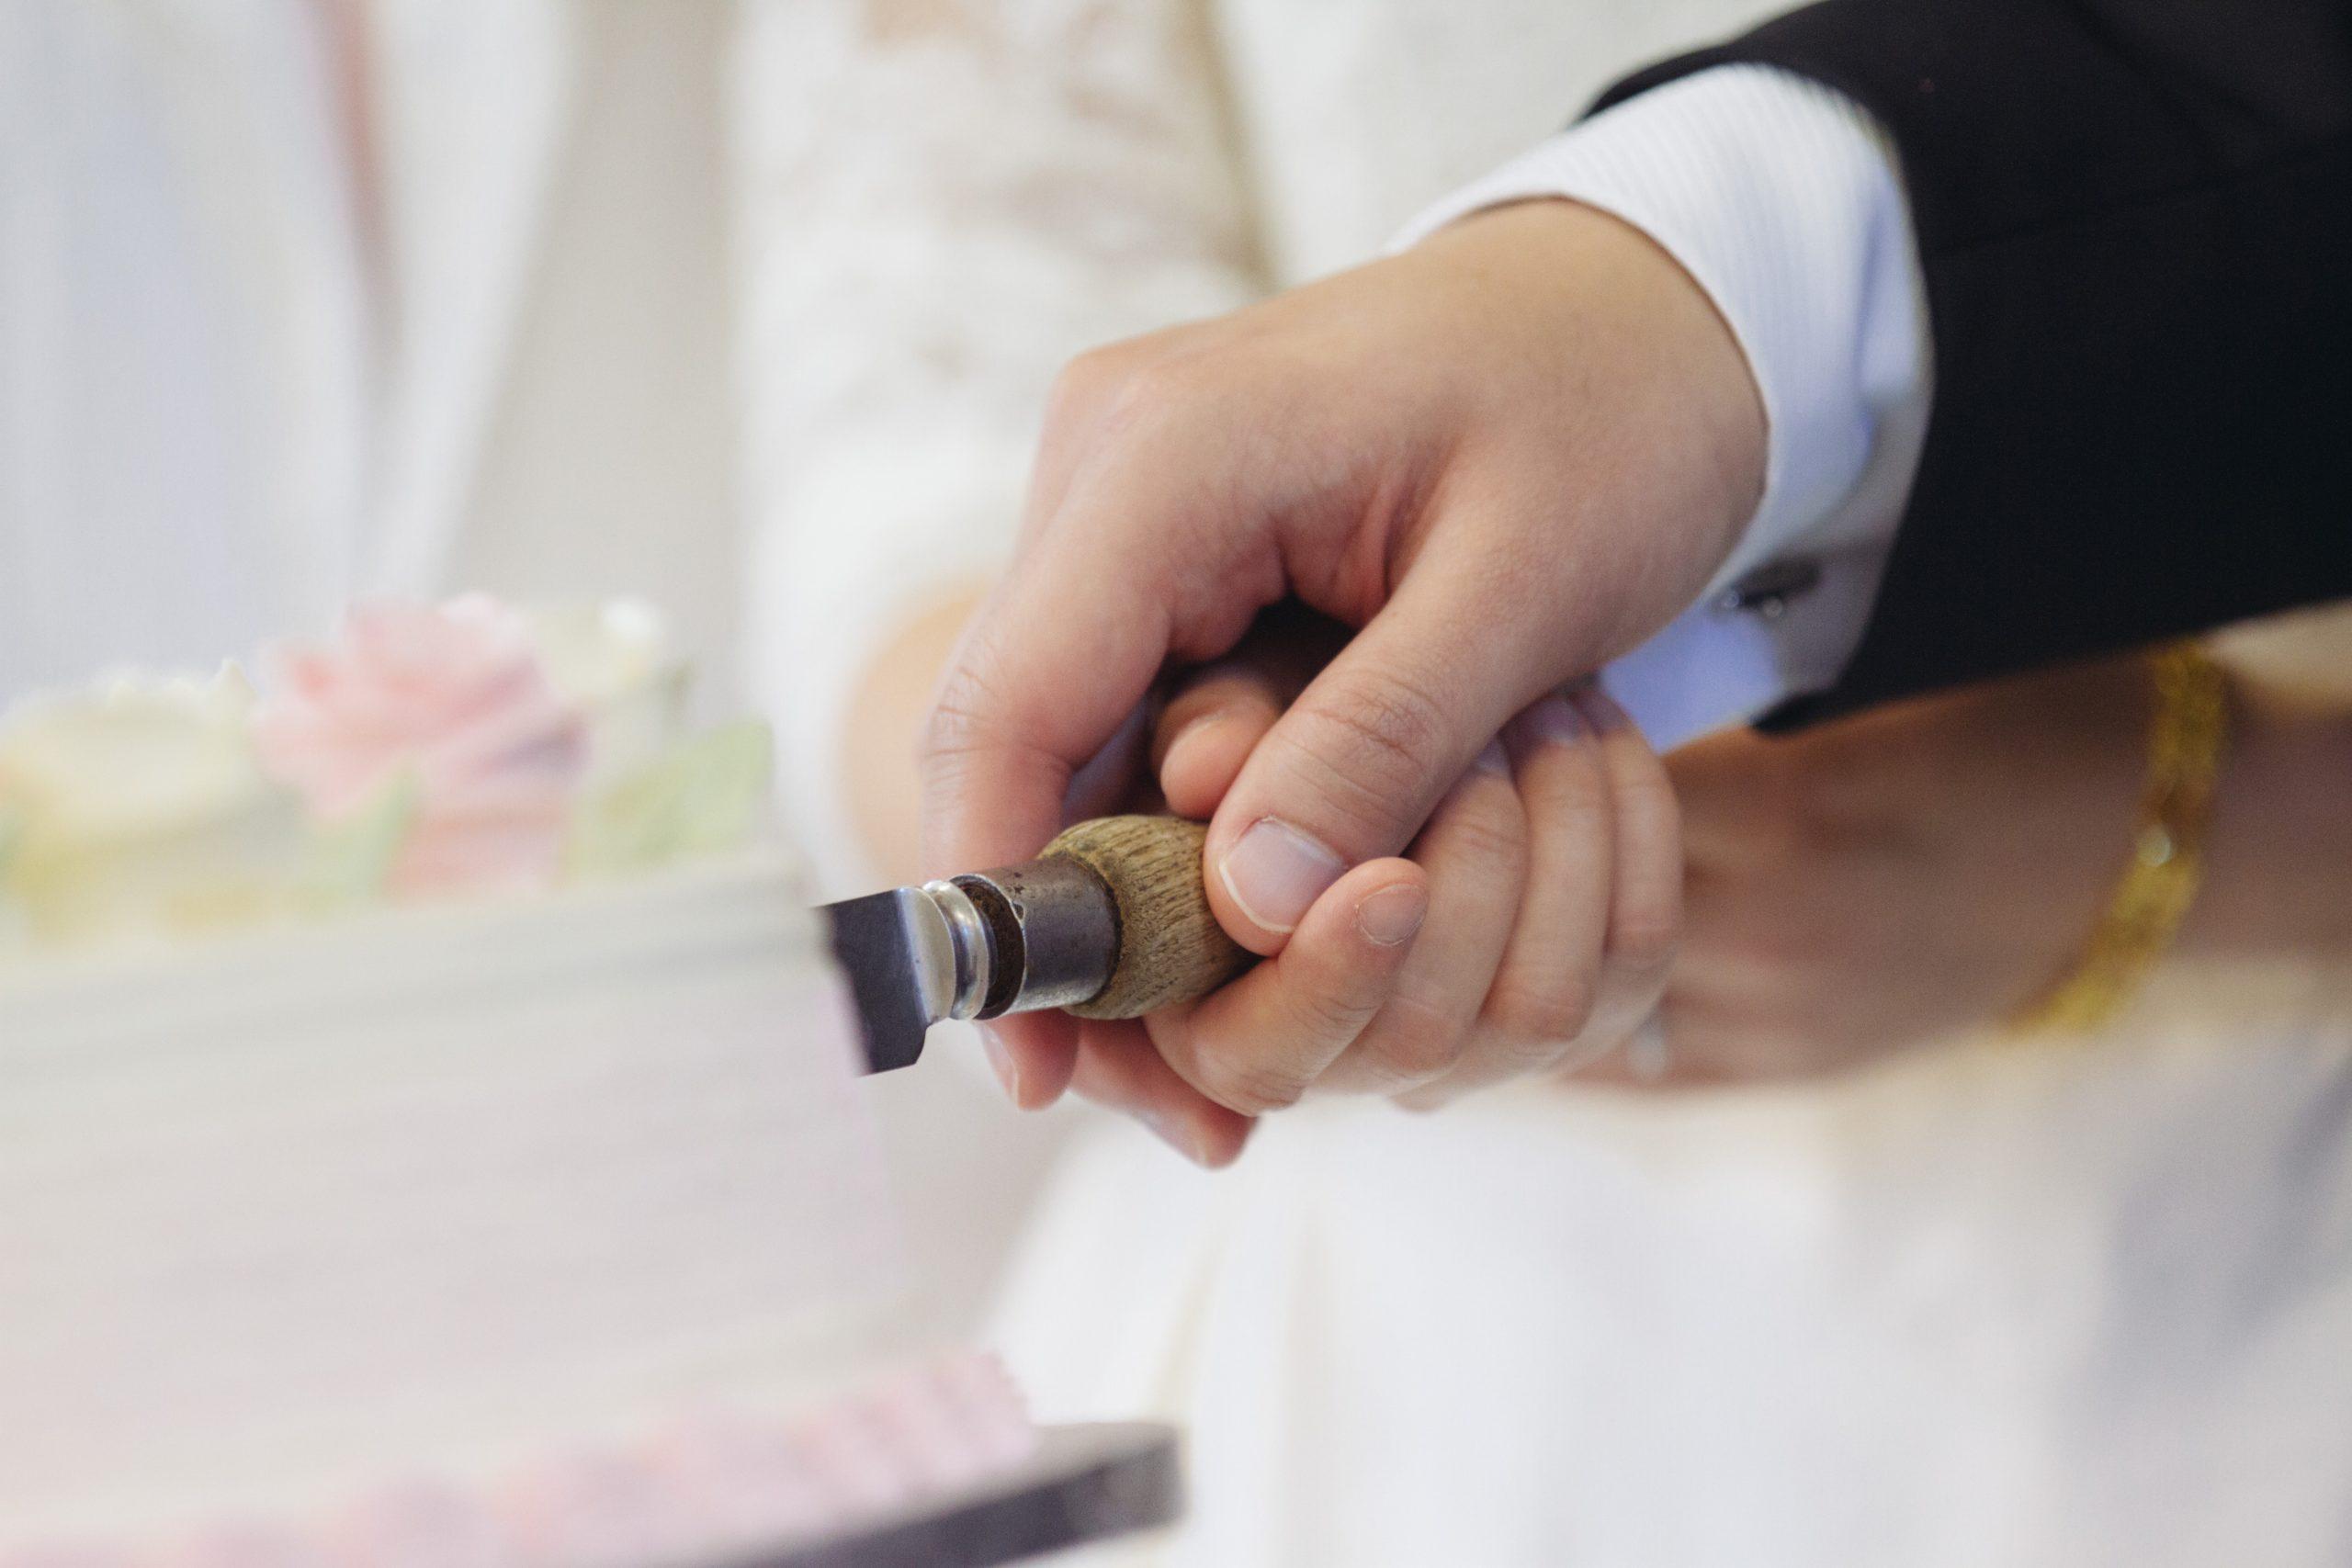 吉高由里子は結婚してる?歴代彼氏の名前と好みのタイプを調査!